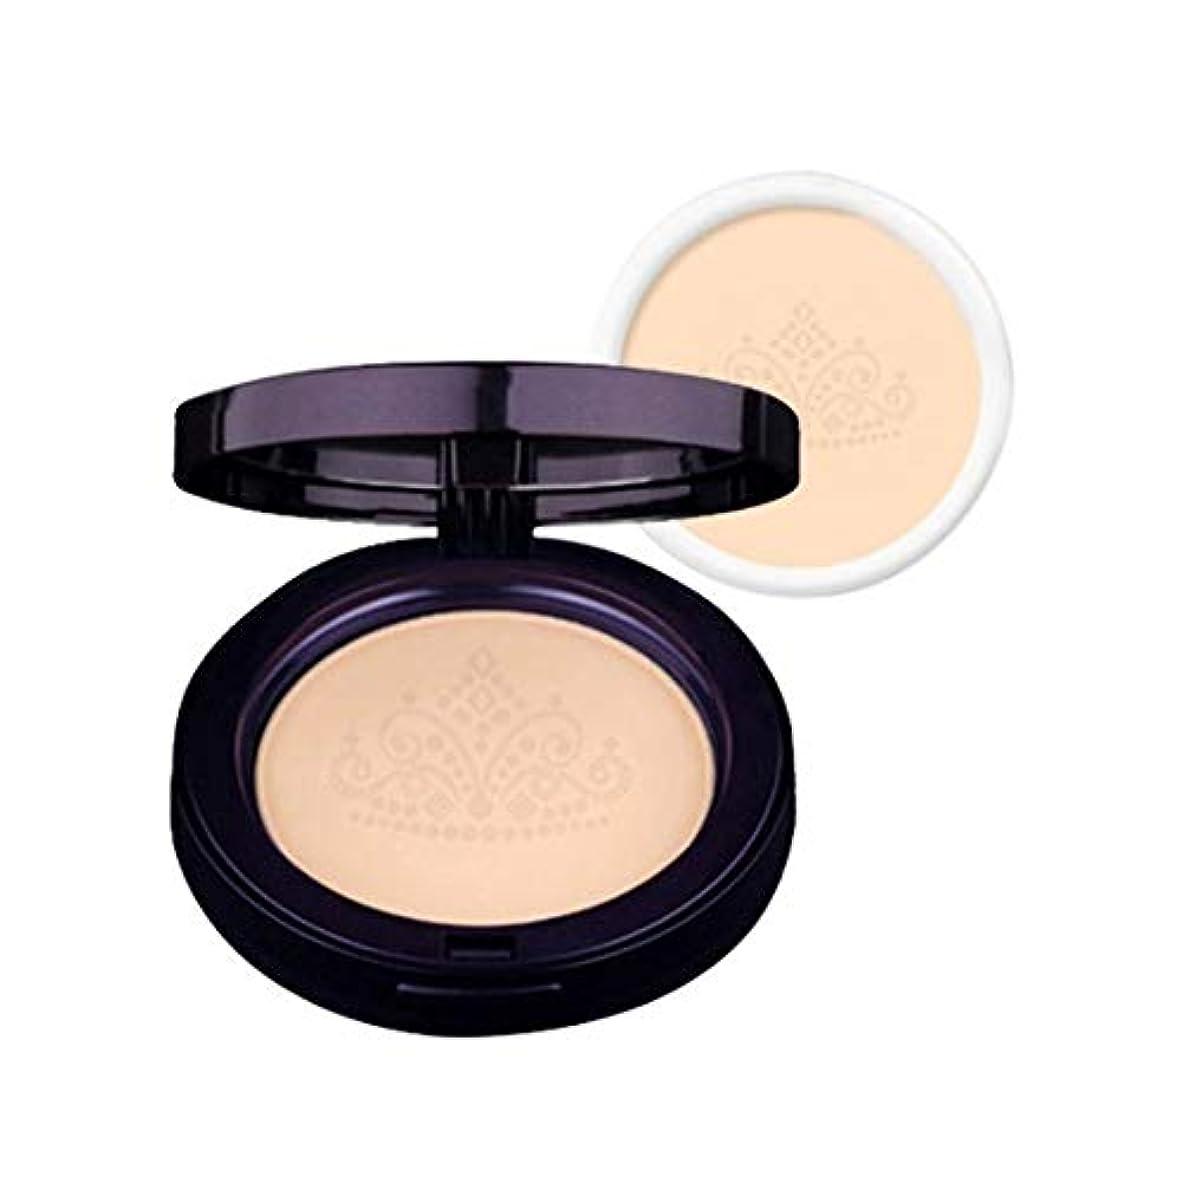 能力常識電気のラクベルクイーンズファクト本品+リピルセット2カラー韓国コスメ、Lacvert Queen's Pact+ Refill Set 2 Colors Korean Cosmetics [並行輸入品] (No. 21)